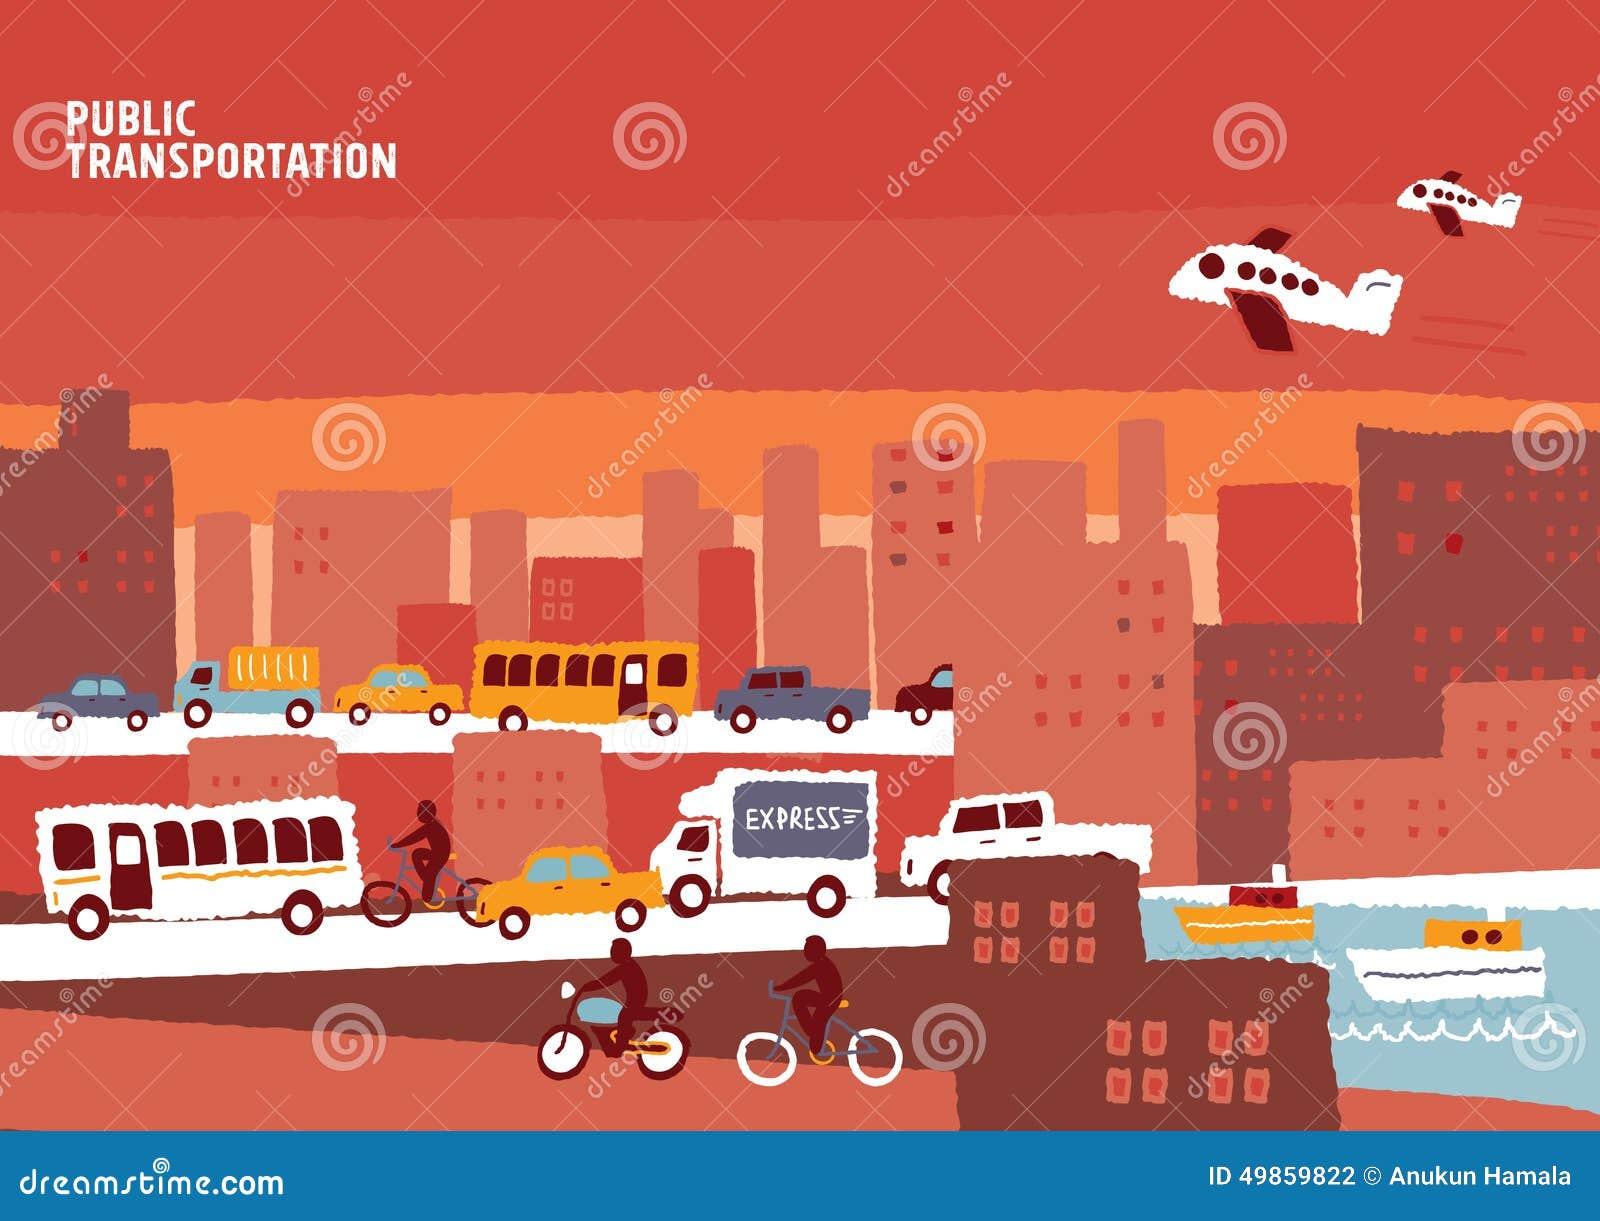 公共交通,信息图表城市